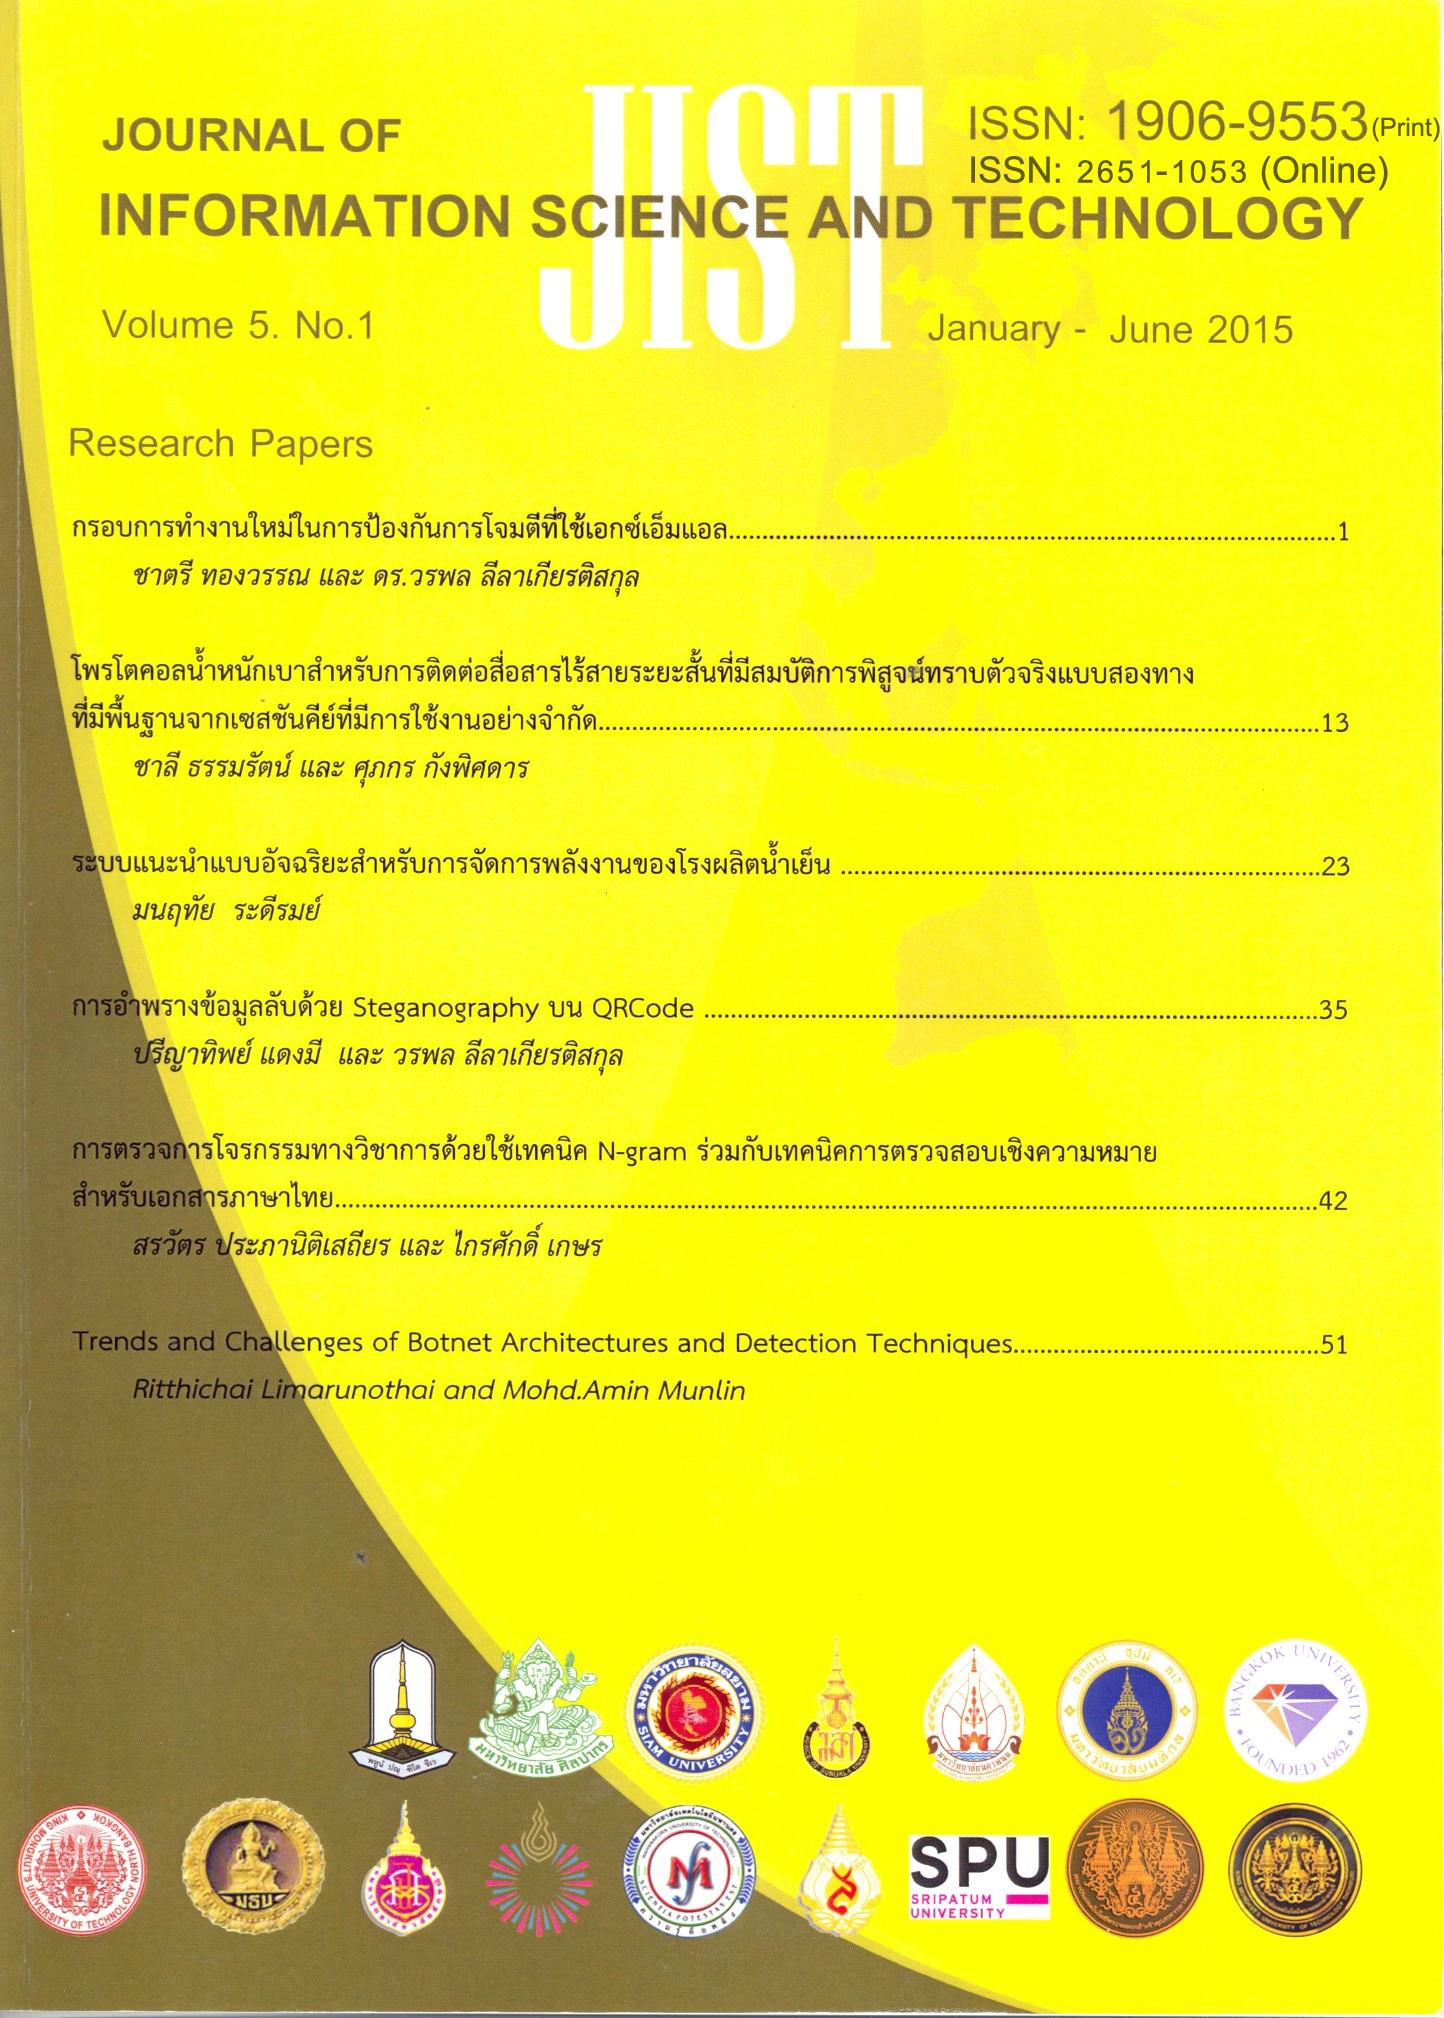 JIST Vol5. No1.